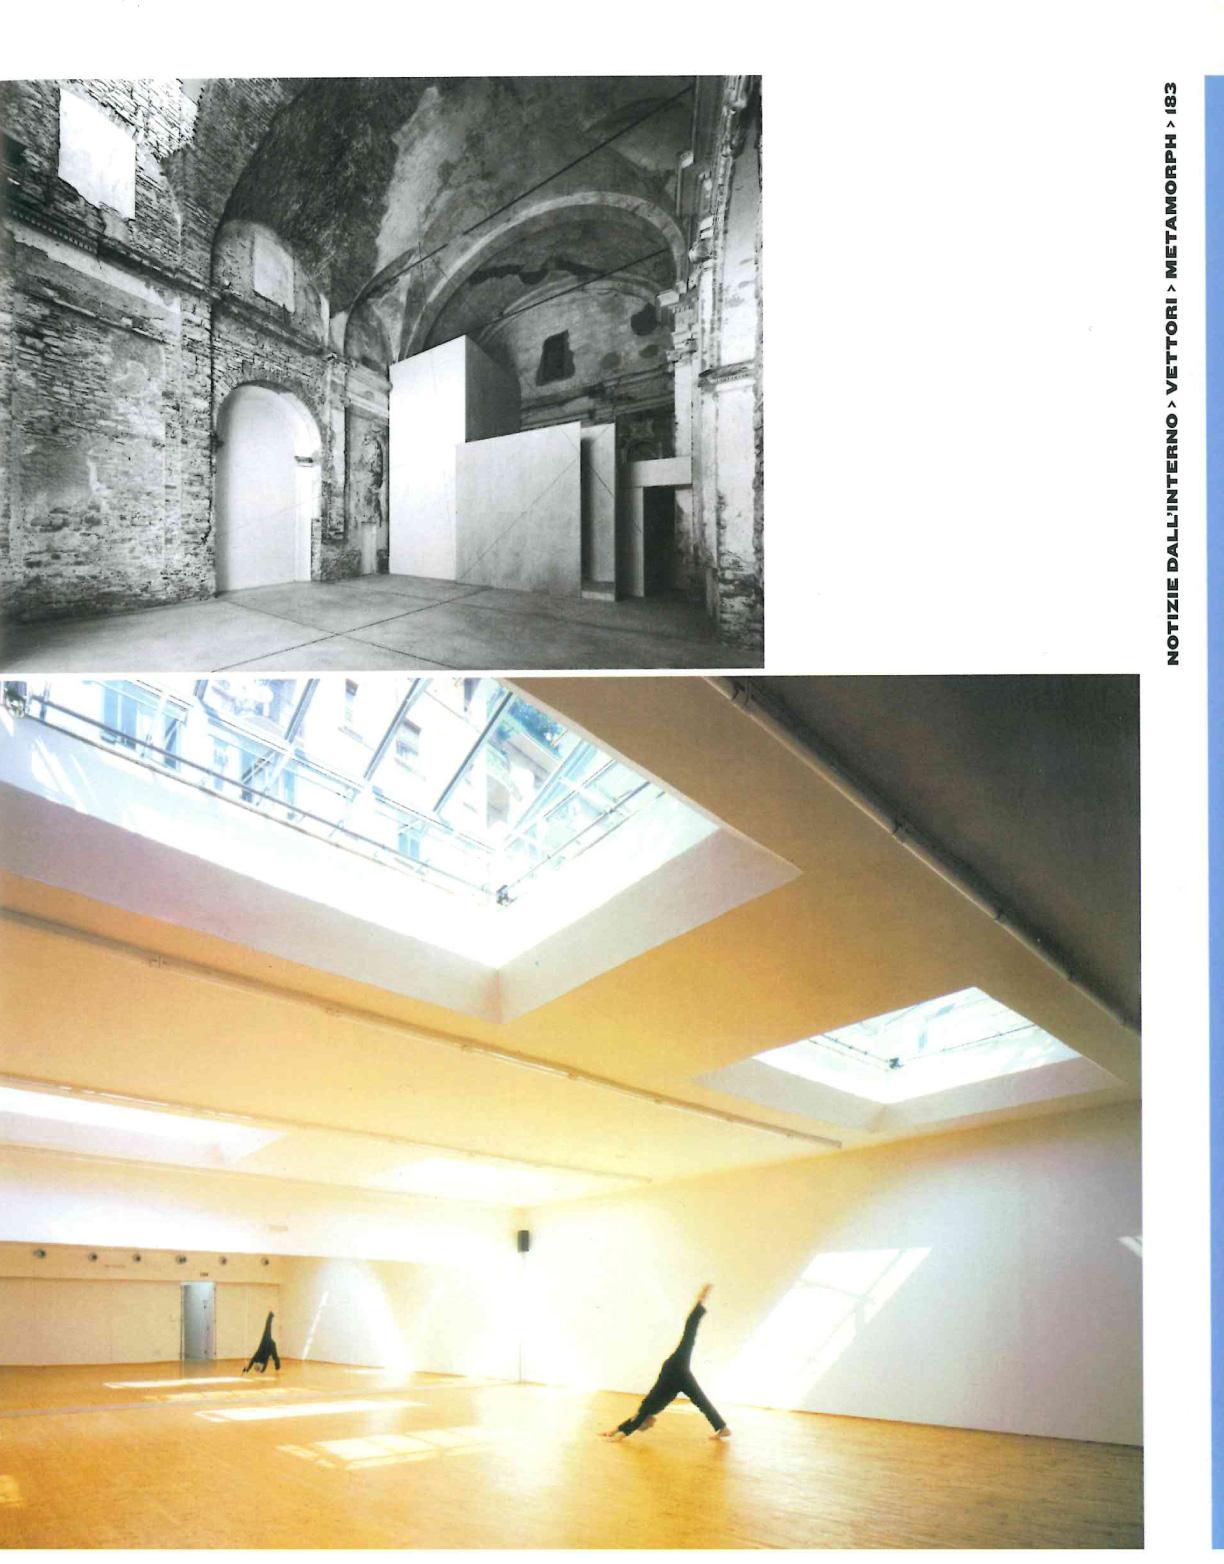 catalogo 9 biennale architettura venezia 2004 borgovico